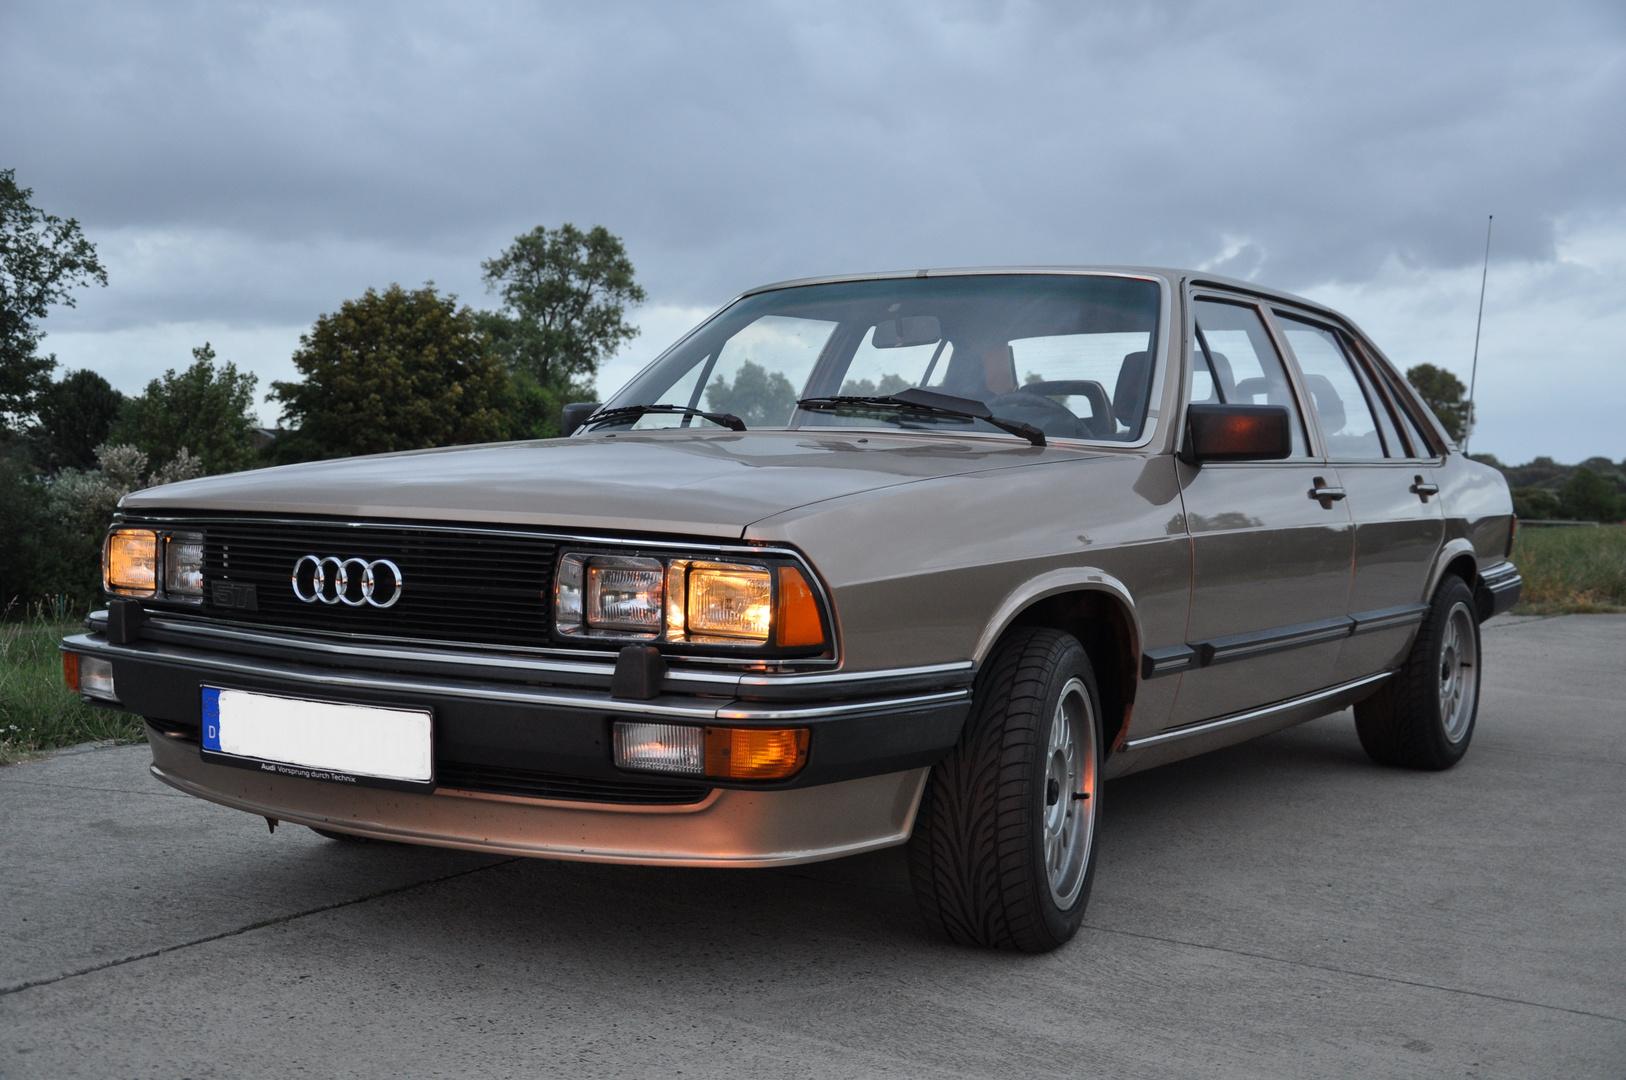 Audi 200 turbo - seinerzeit eine der stärksten frontgtriebenen Limousinen Deutschlands...